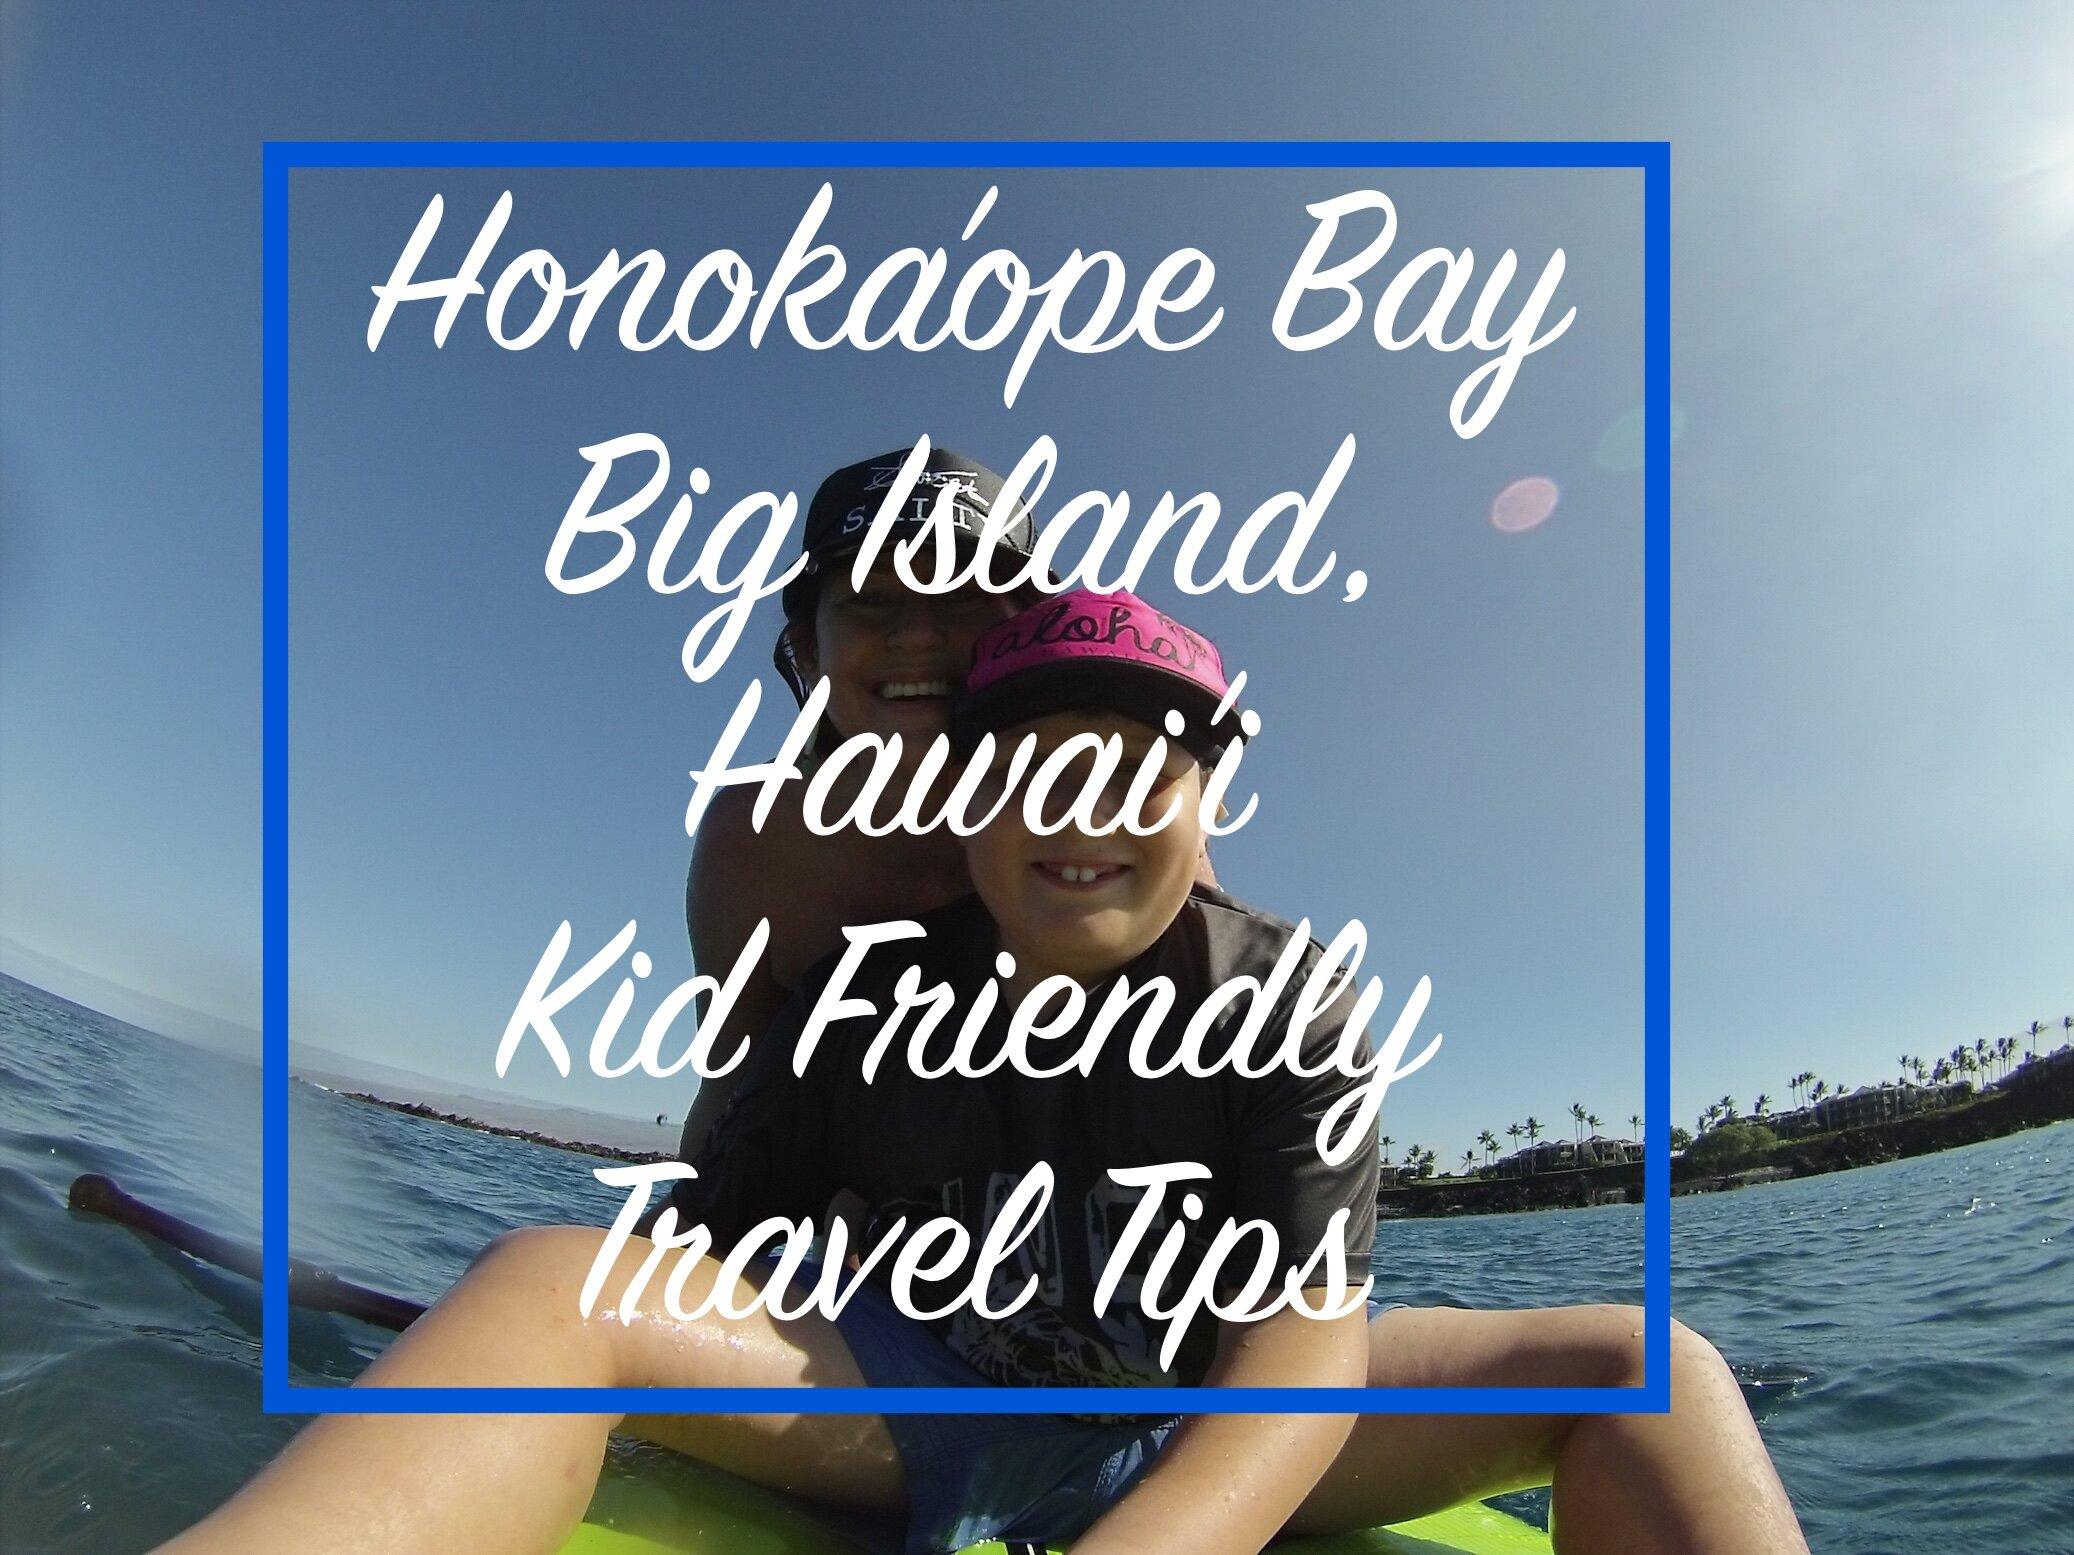 Hawai'i Big Island travel tips.